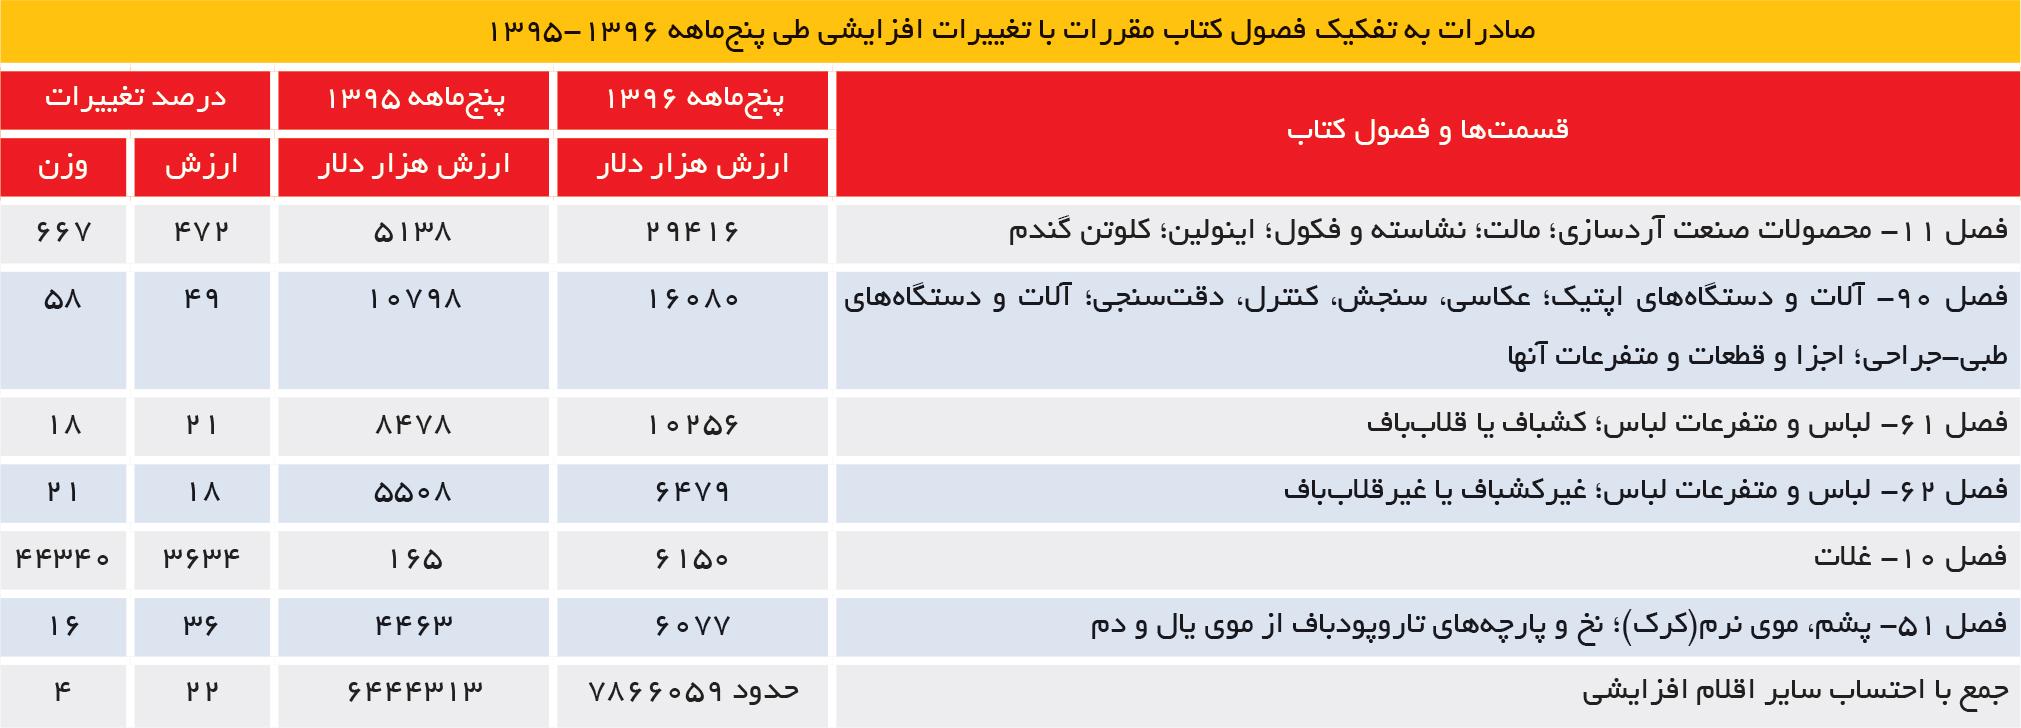 تجارت فردا- صادرات به تفکیک فصول کتاب مقررات با تغییرات افزایشی طی پنجماهه 1396-1395